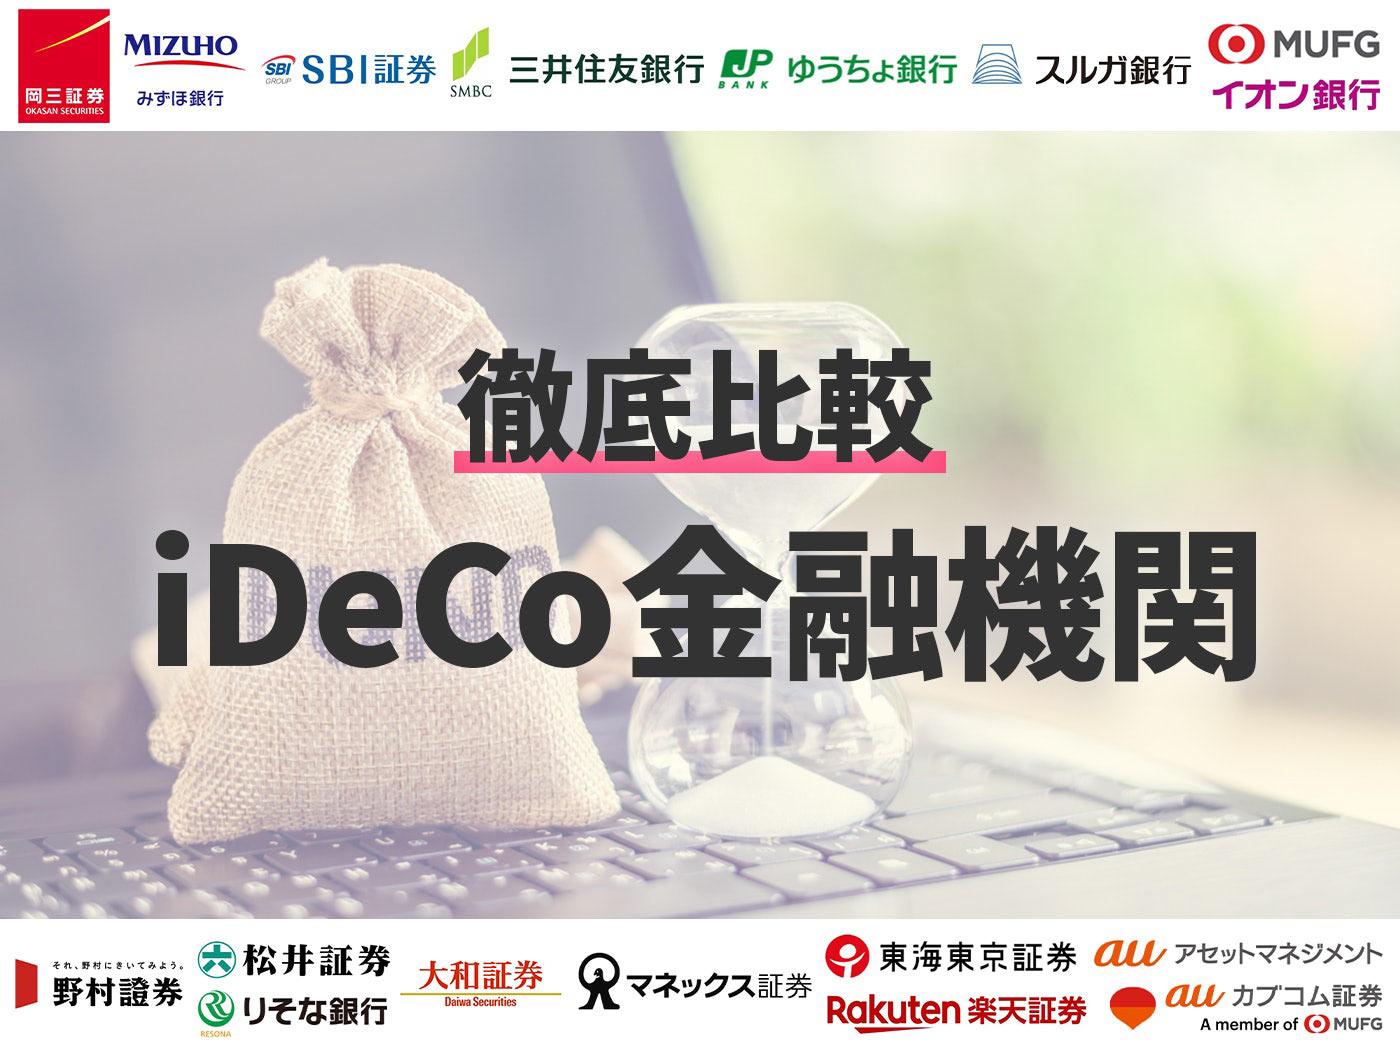 徹底比較 iDeCo金融機関